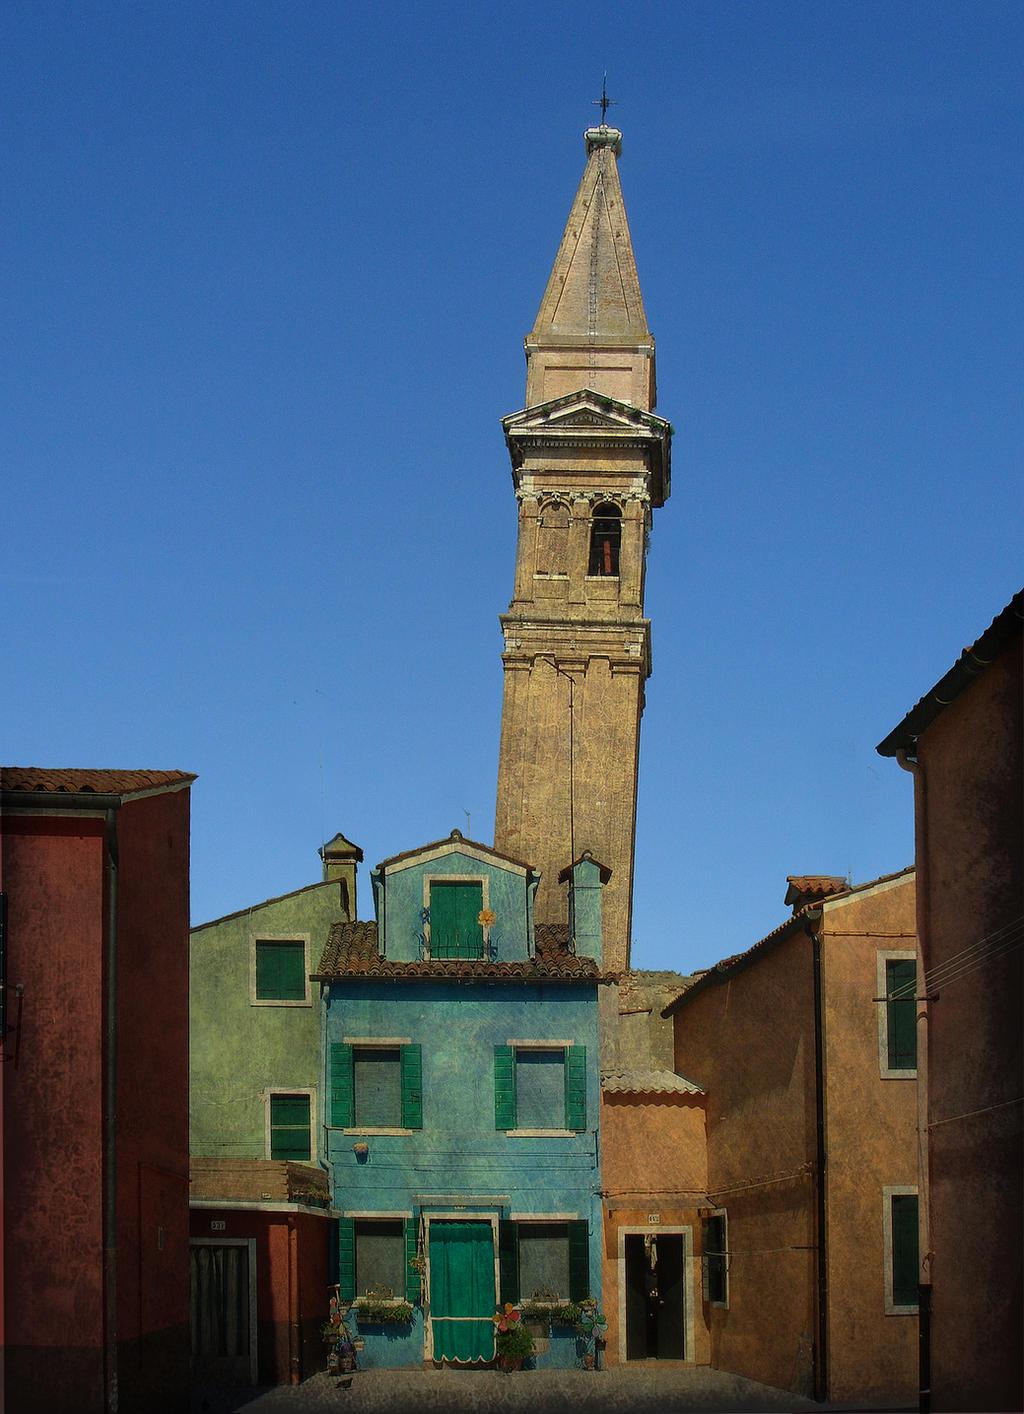 http://fc00.deviantart.net/fs70/i/2012/344/b/d/leaning_tower_of_burano_by_tadbeer-d5nldeu.jpg